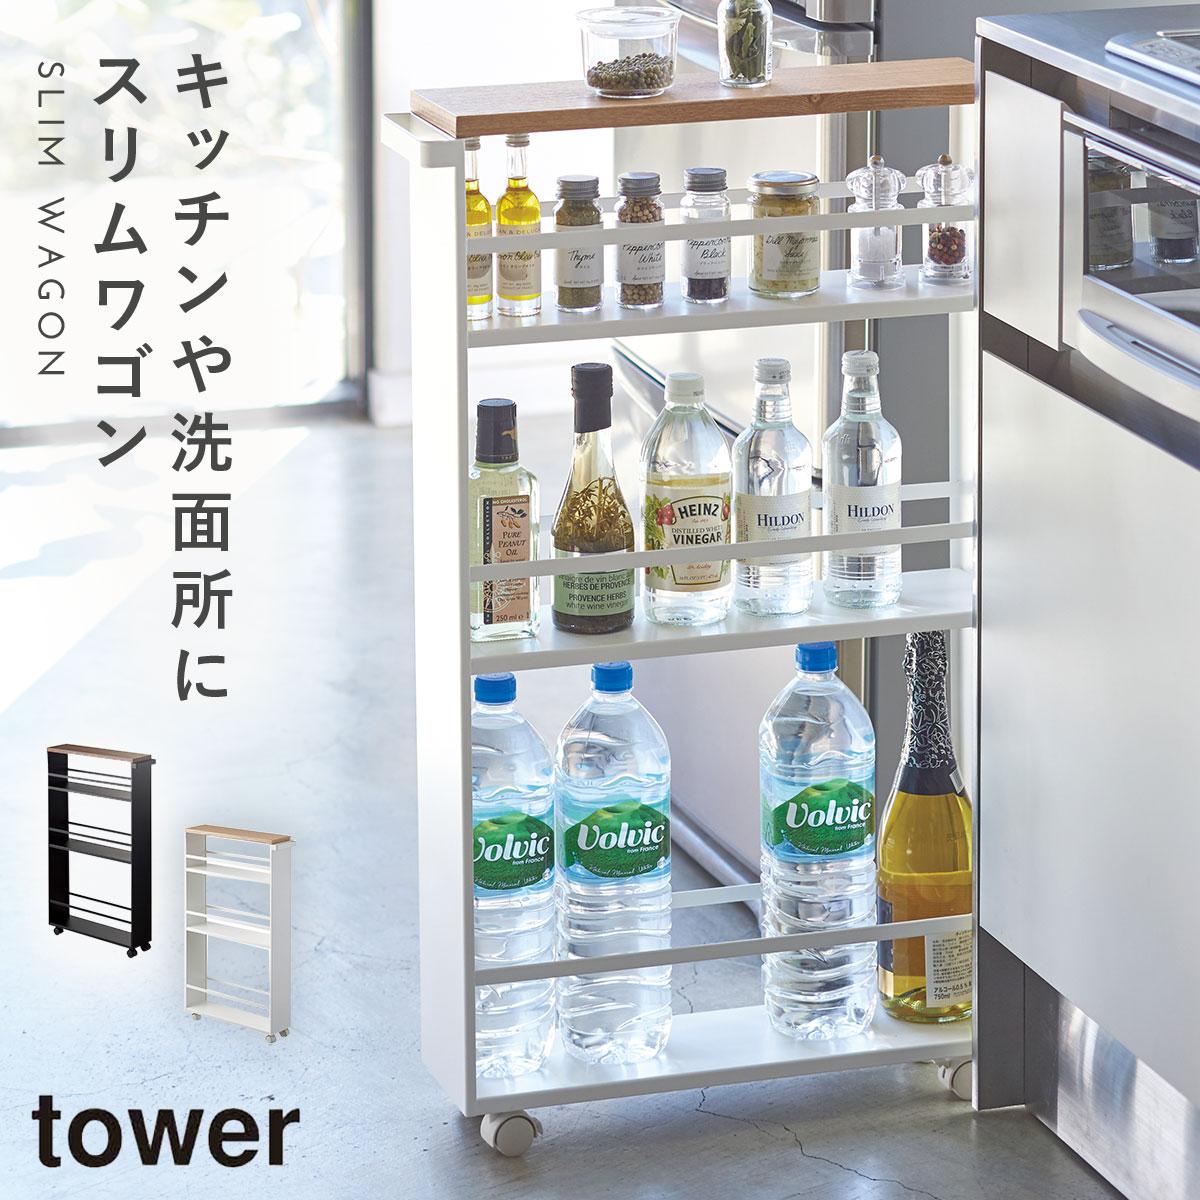 ハンドル付きスリムワゴン タワー TOWER